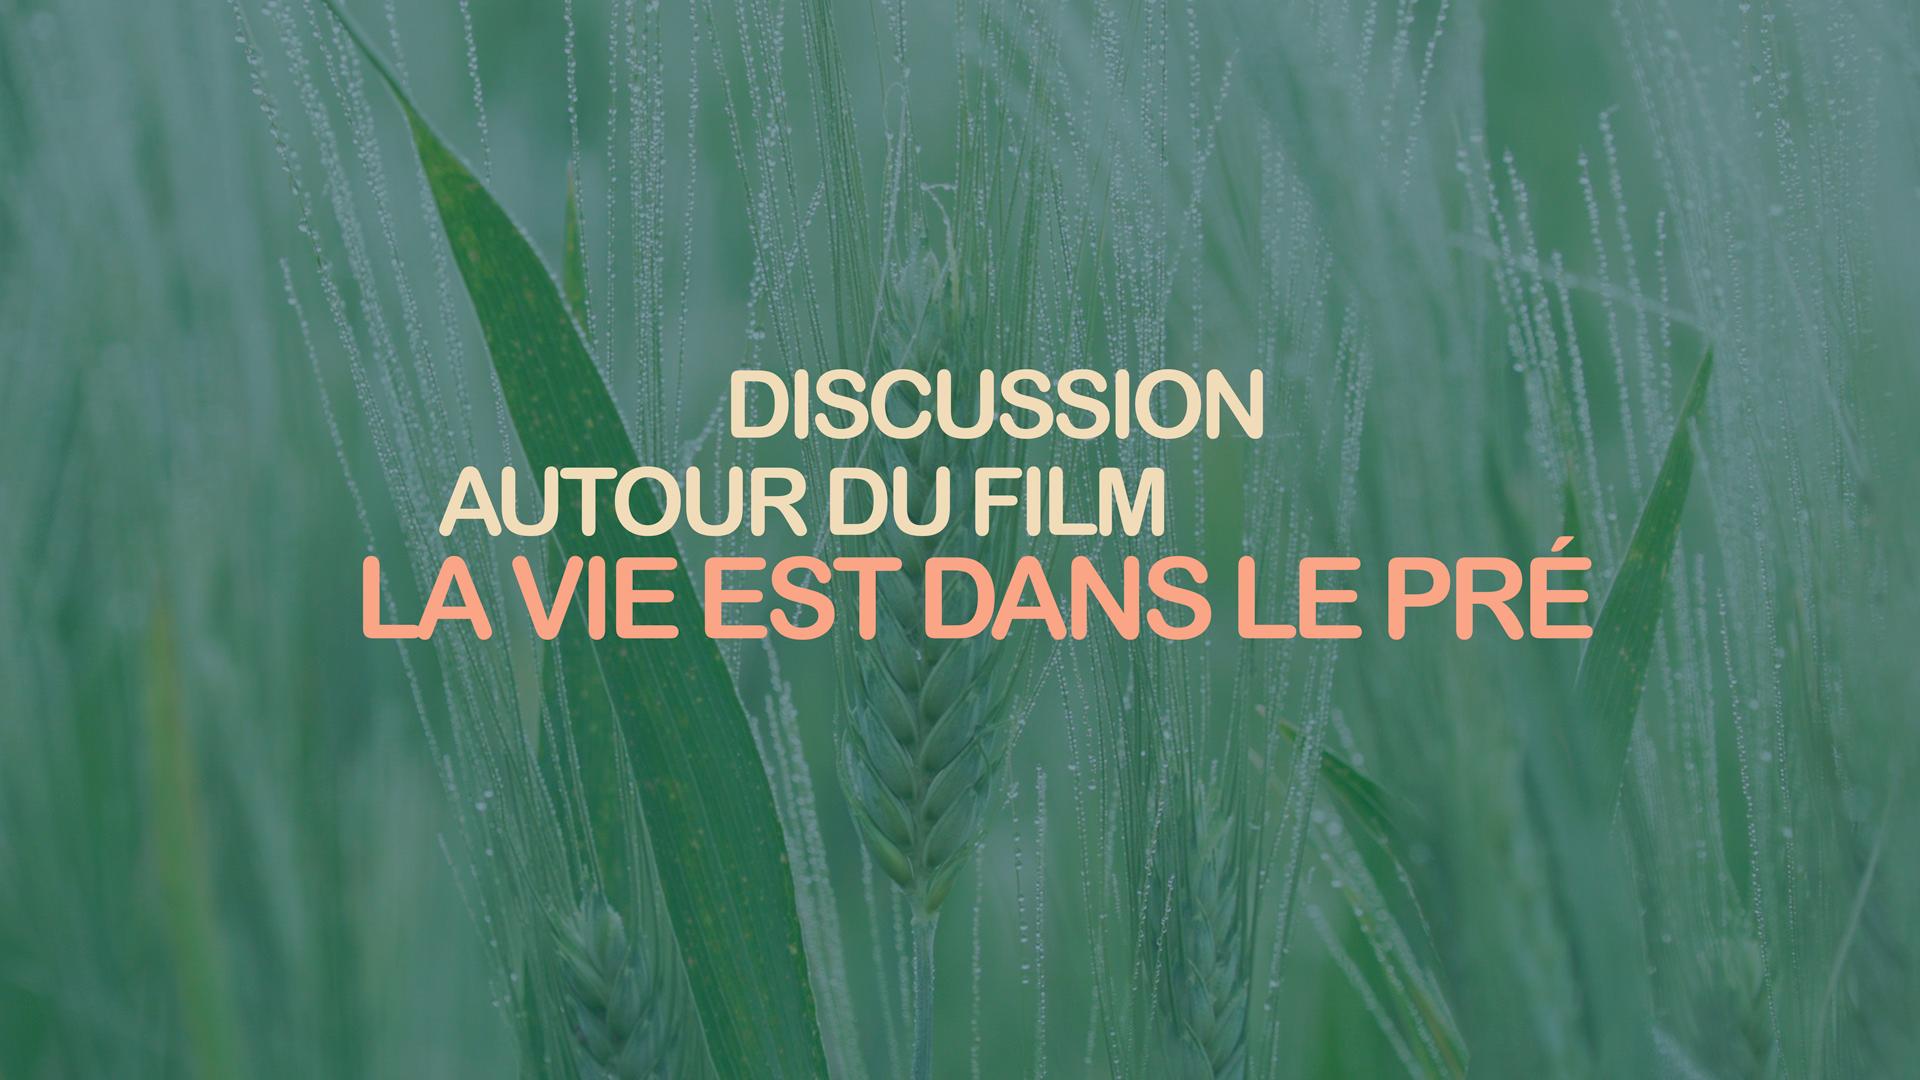 bandeaux_discussion_LA_VIE_EST_DANS_LE_PRE_u.png